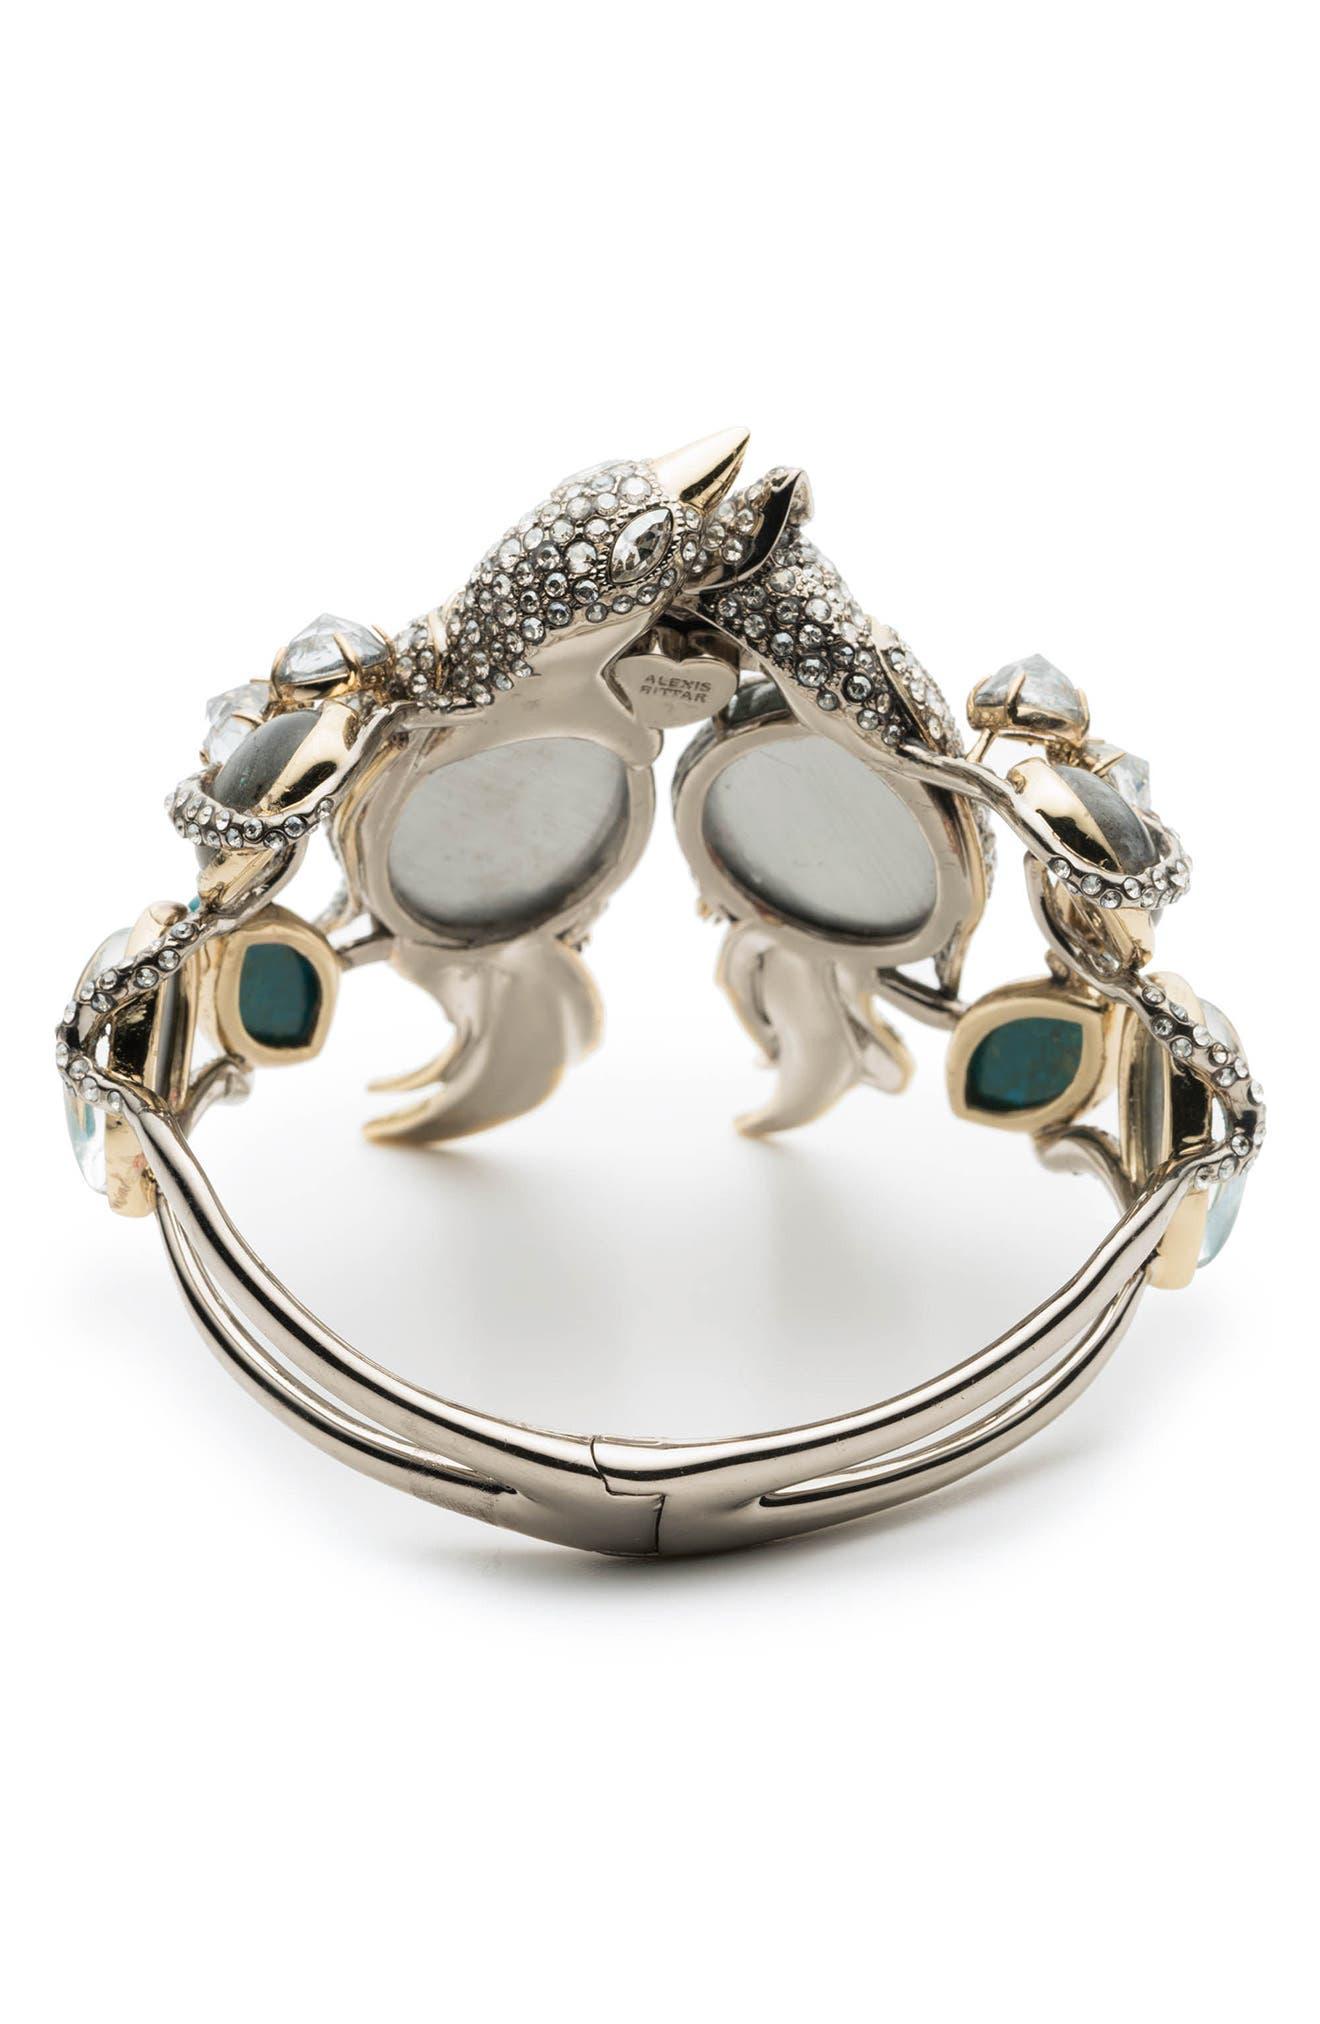 Lovebird Hinge Bracelet,                             Alternate thumbnail 2, color,                             Gold/ Silver